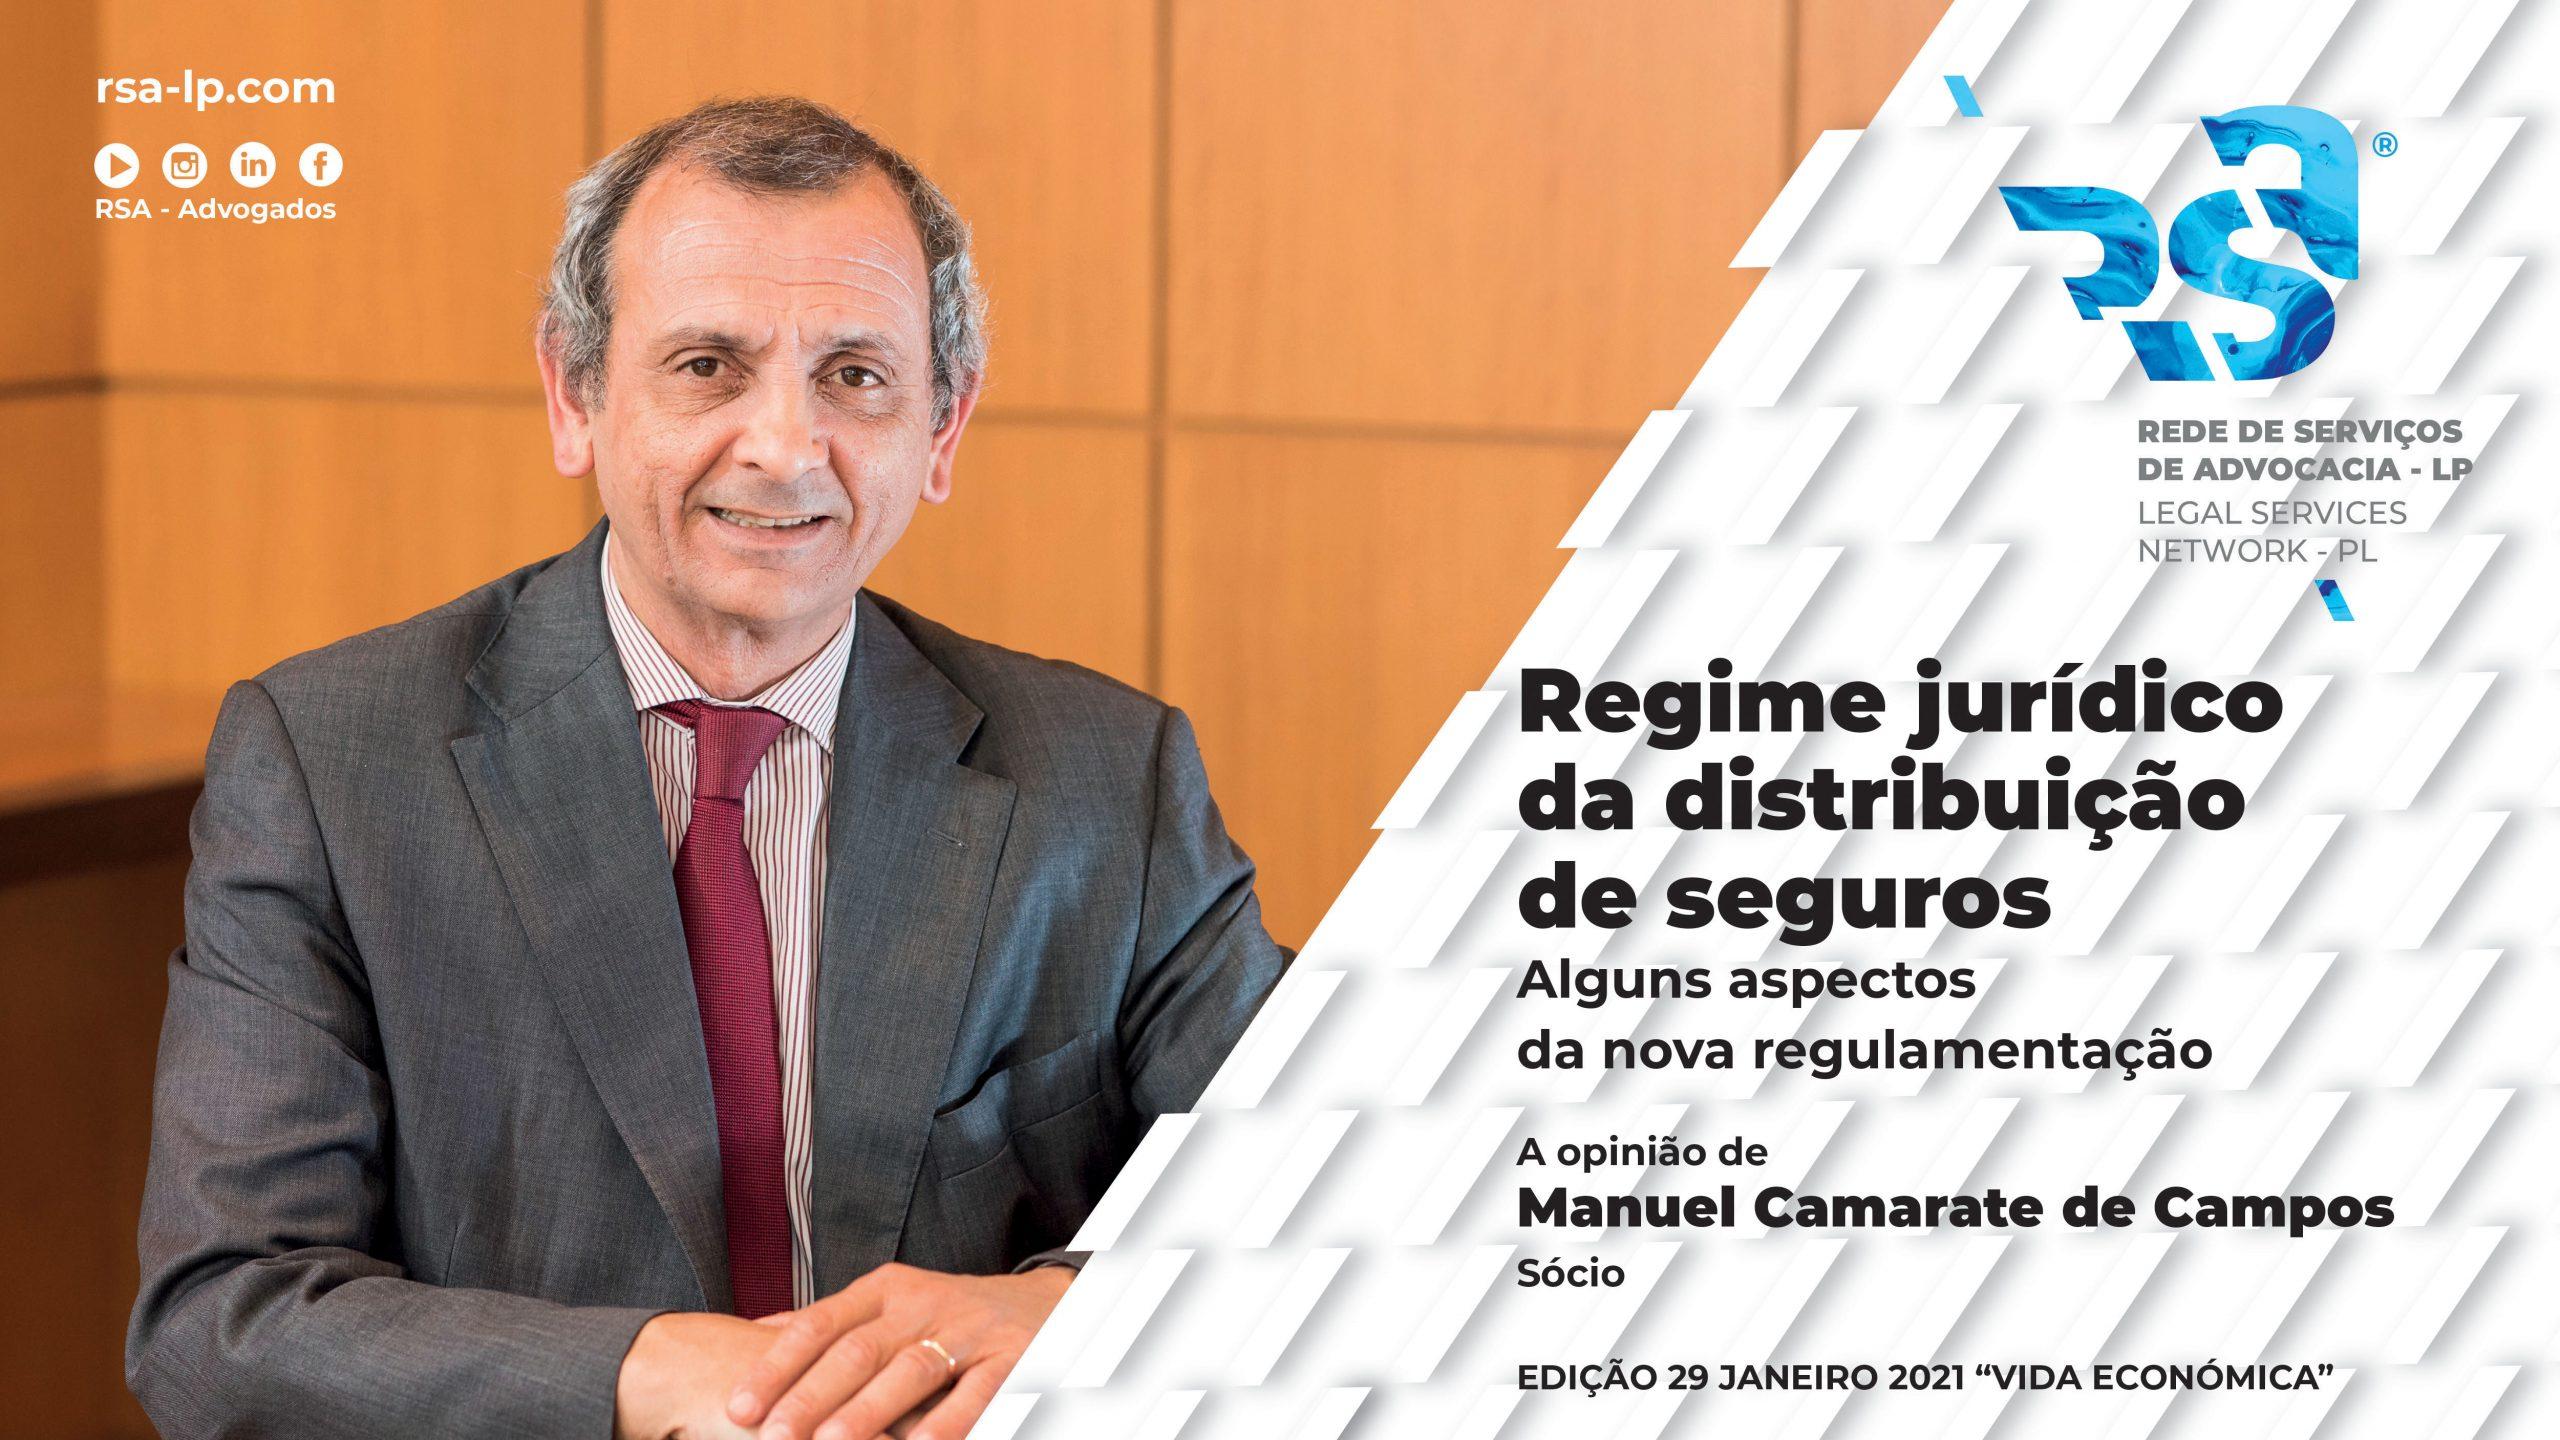 Regime Jurídico da Distribuição de Seguros - Alguns aspectos da nova regulamentação